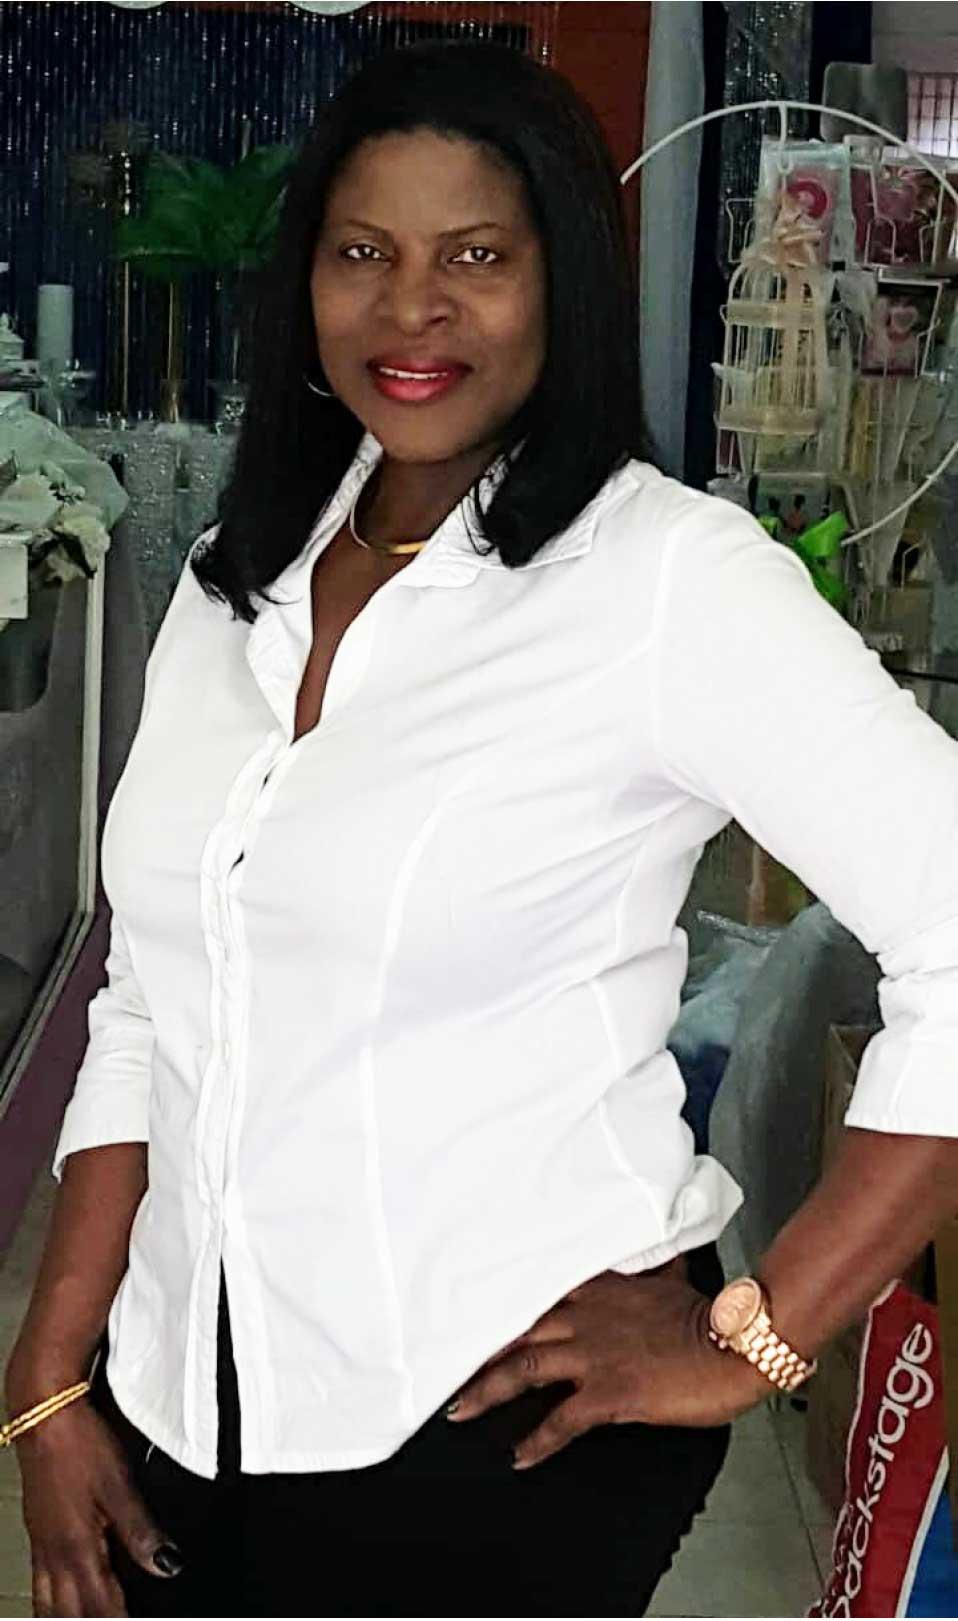 Image of Frances Jn. Baptiste